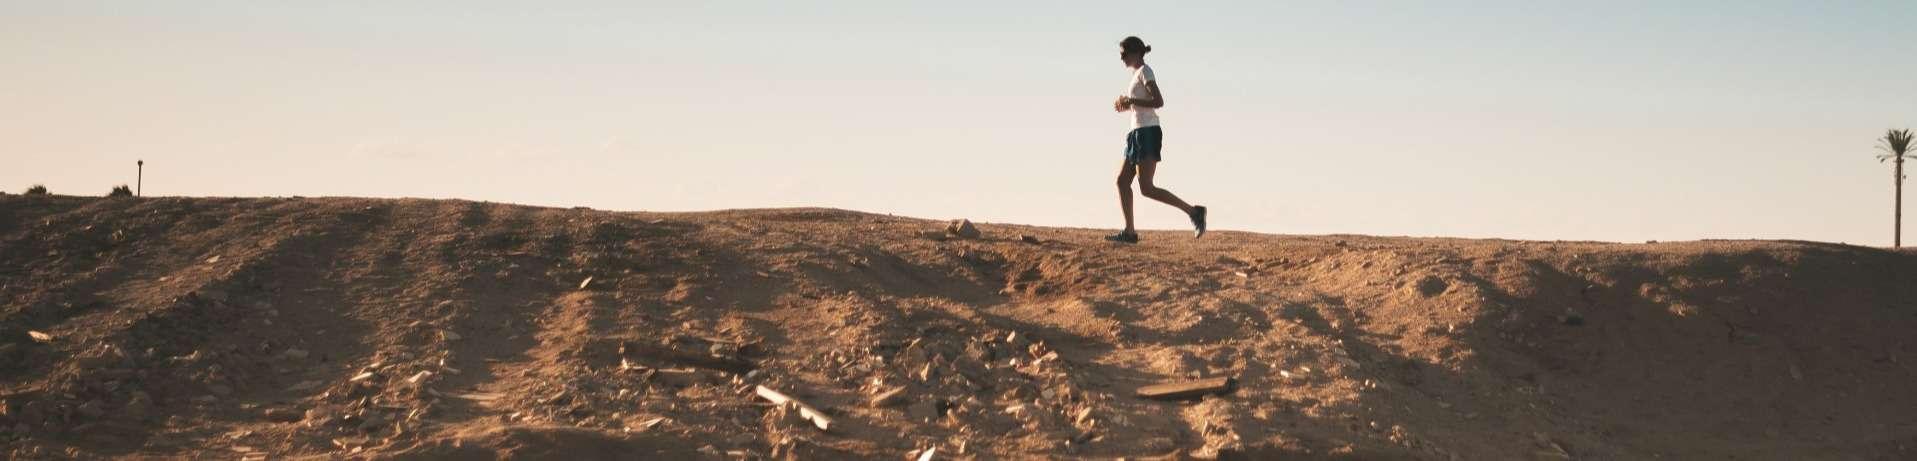 Running Main 2